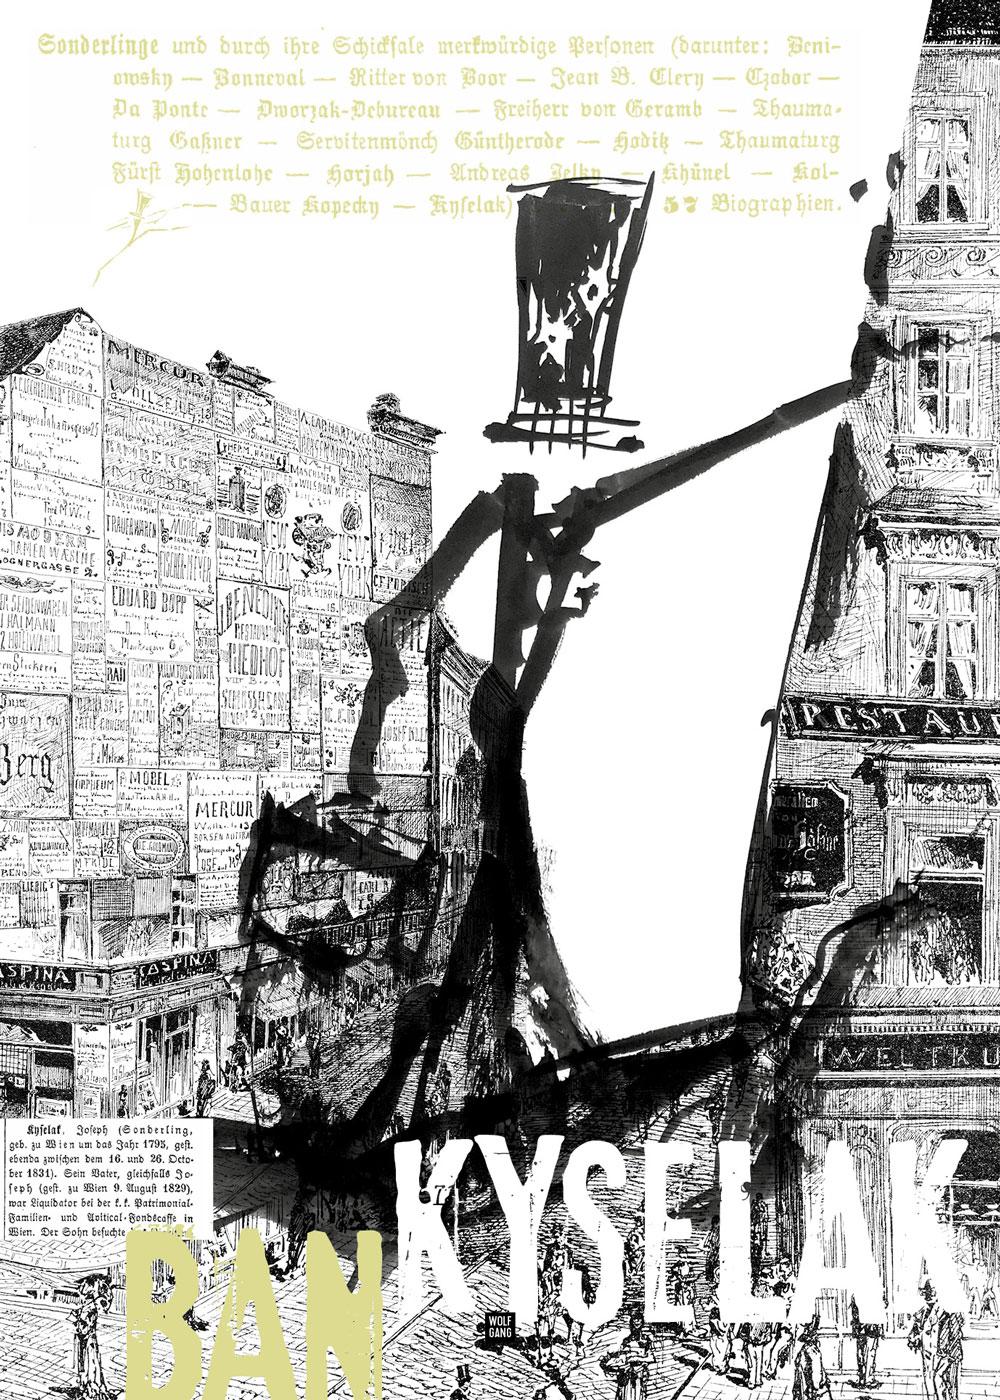 kyselak_wolfgang_poster_6.jpg